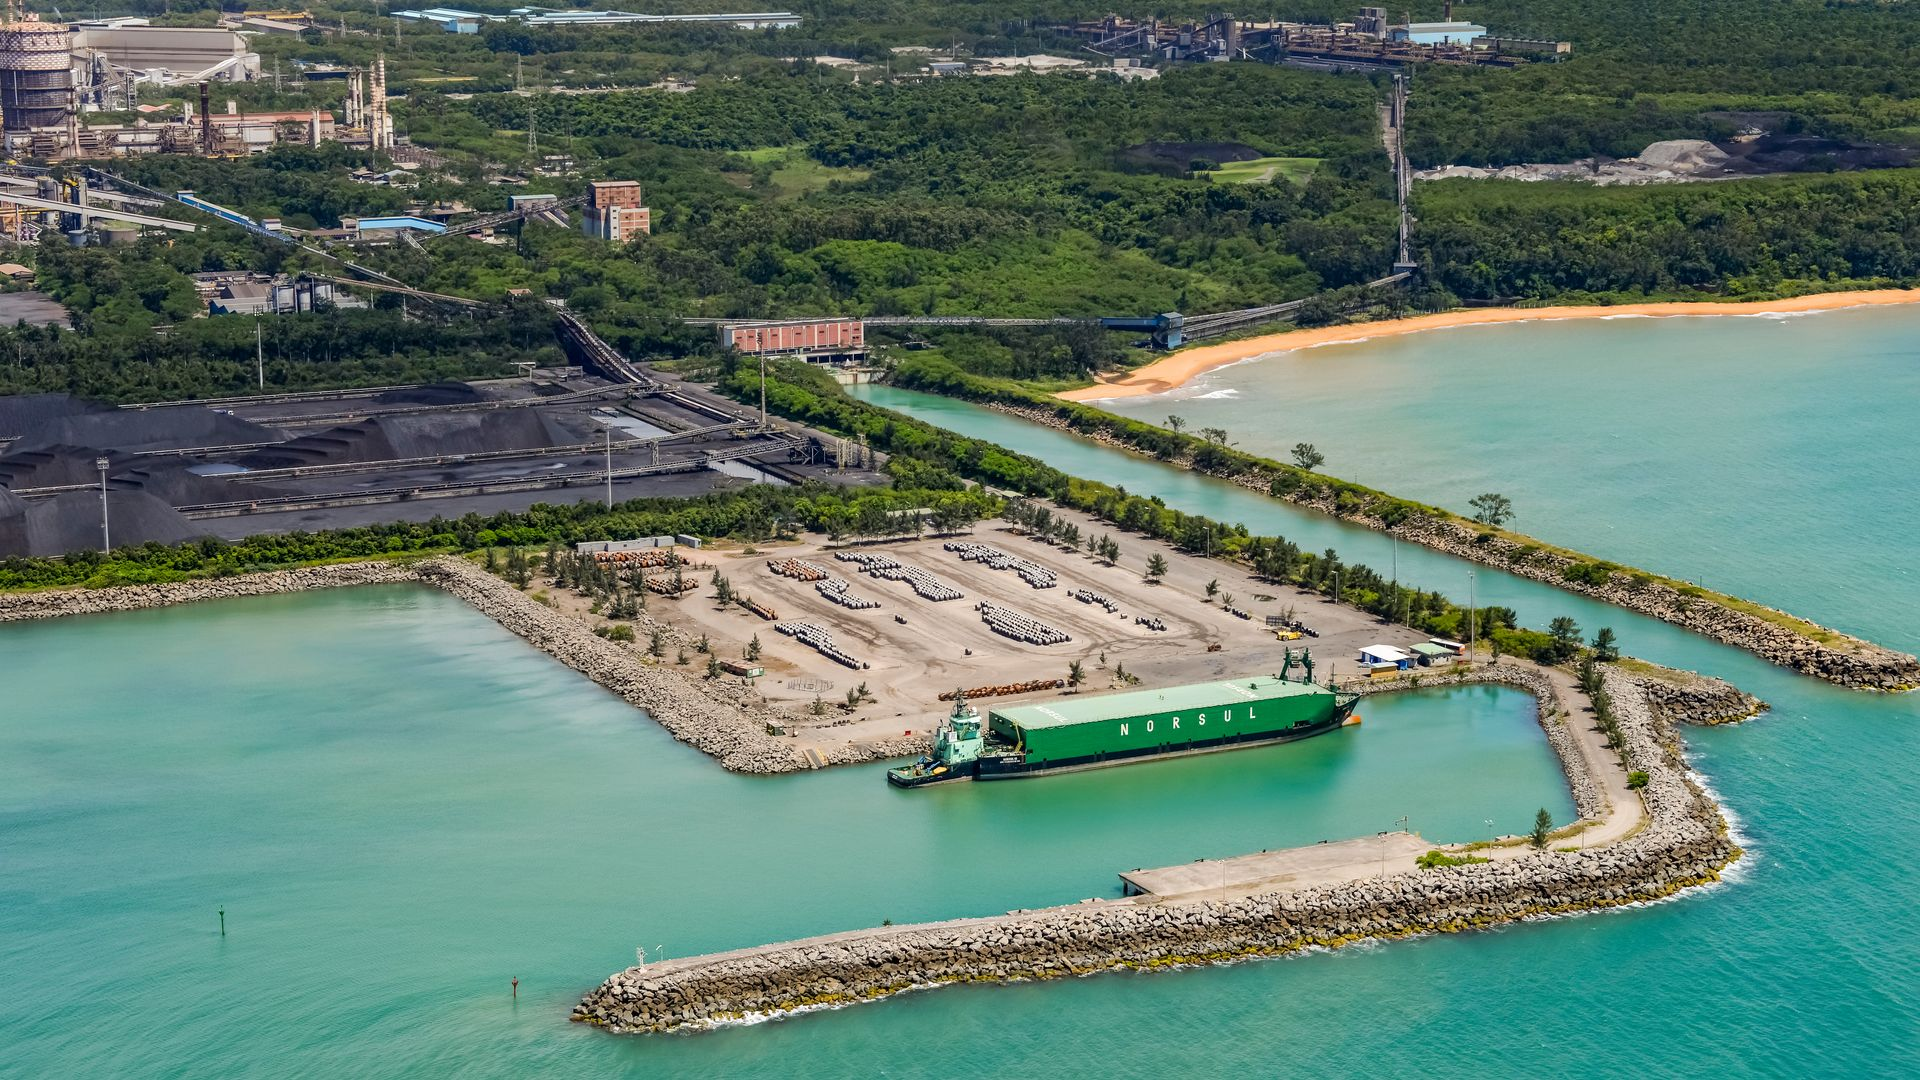 Terminal de Barcaças da ArcelorMittal Tubarão movimenta cerca de 600 mil toneladas de produtos siderúrgicos por ano